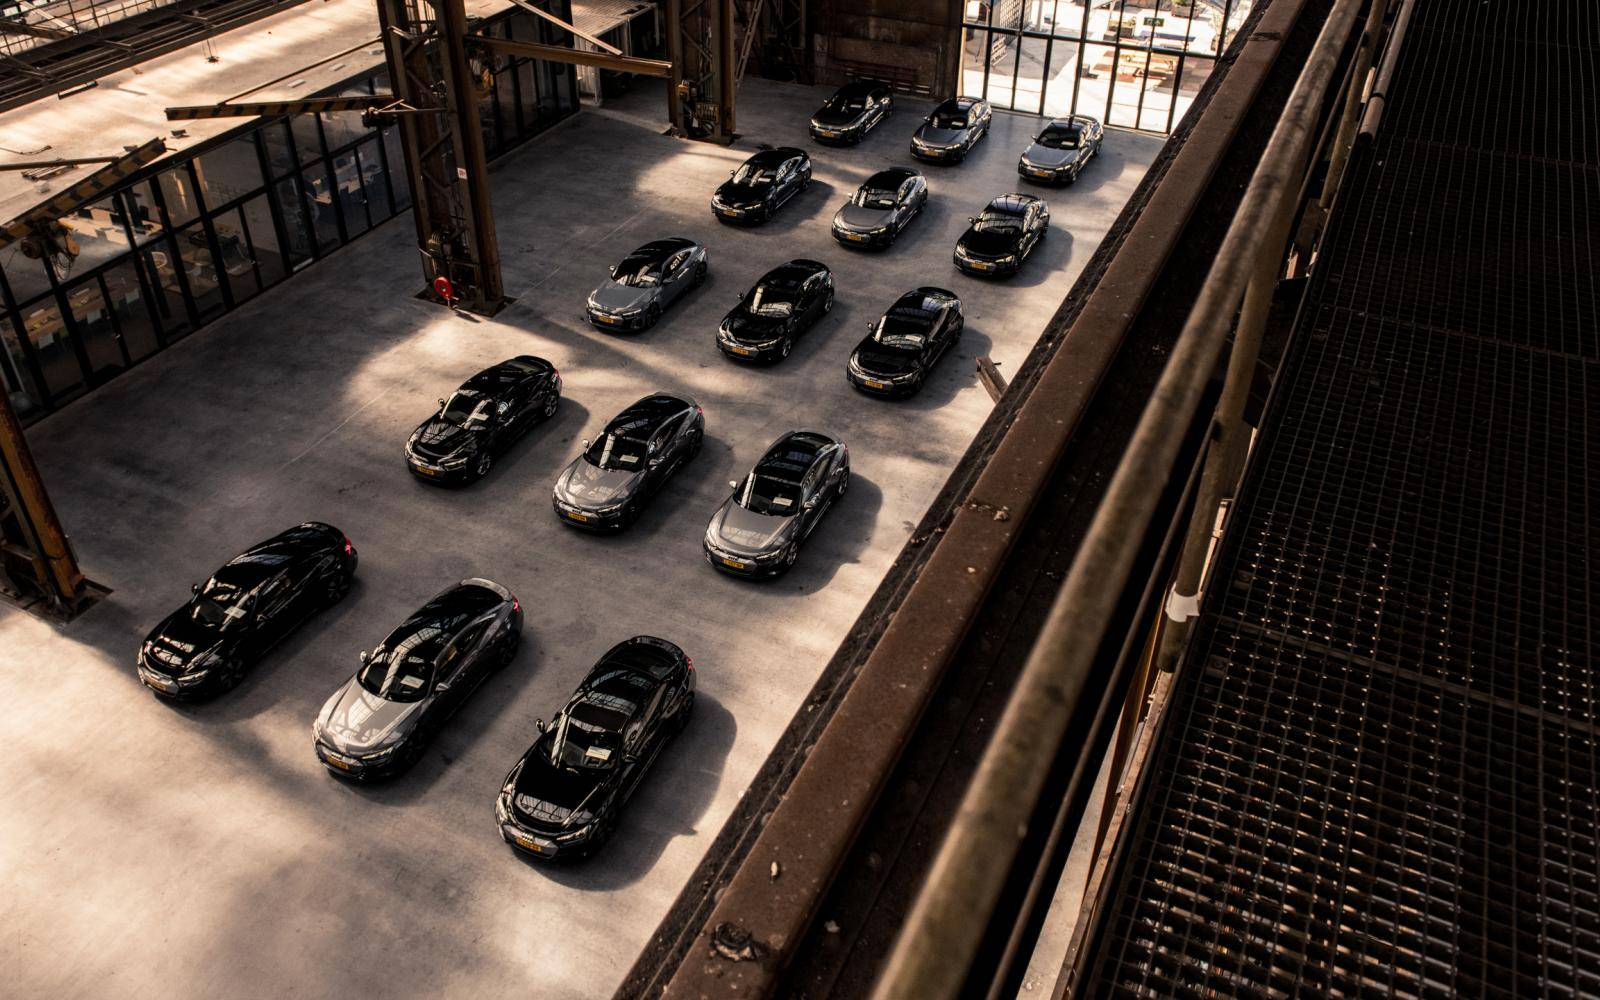 Vijftig tinten grijs: Audi E-Tron GT-rijders zijn kleurloos, of hebben geen lef